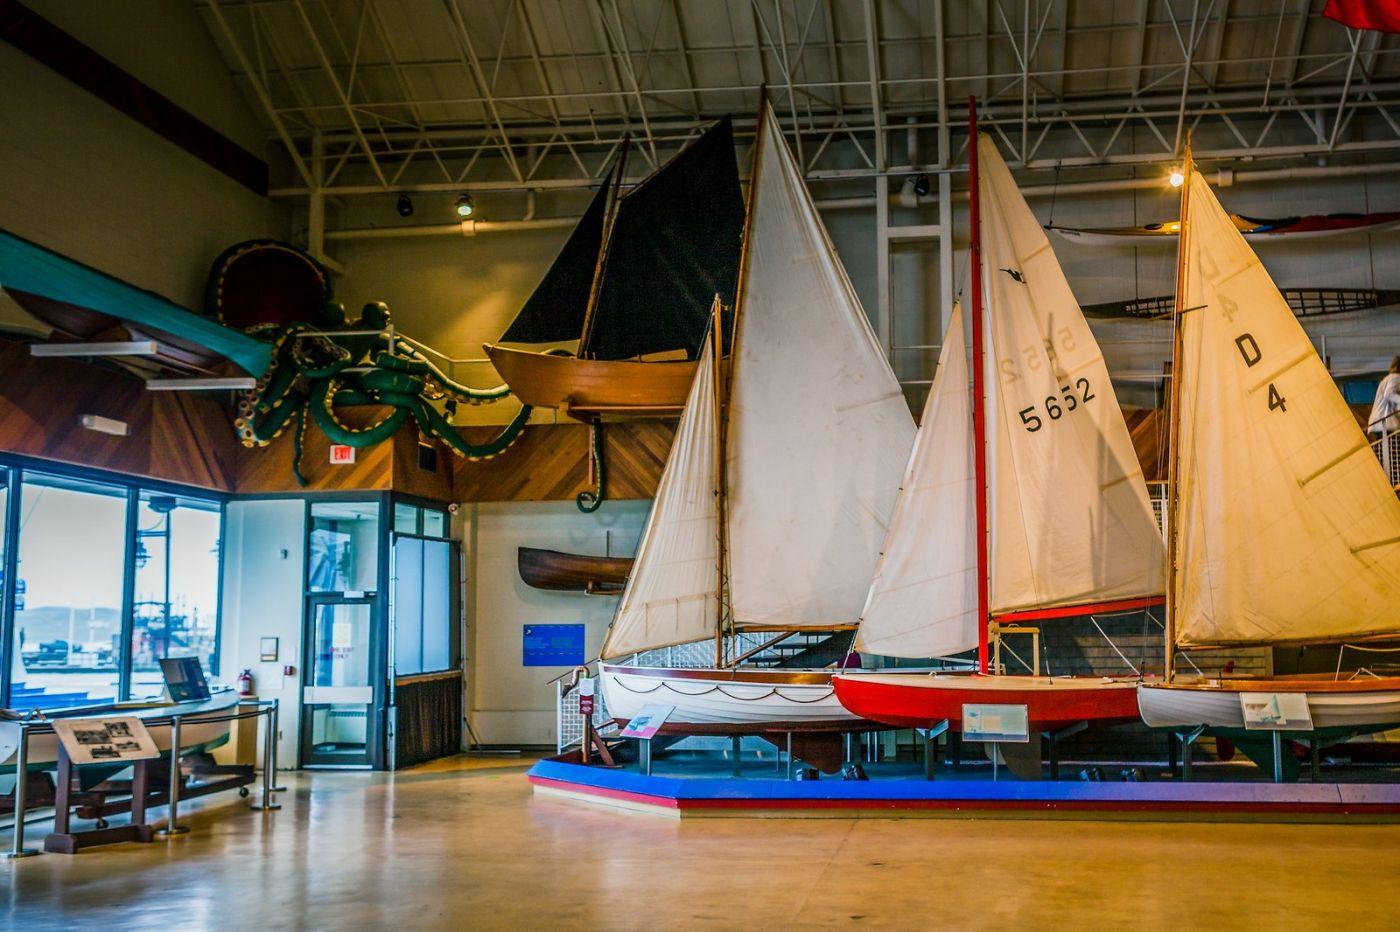 加拿大哈利法克斯(Halifax)大西洋海事博物馆_图1-27